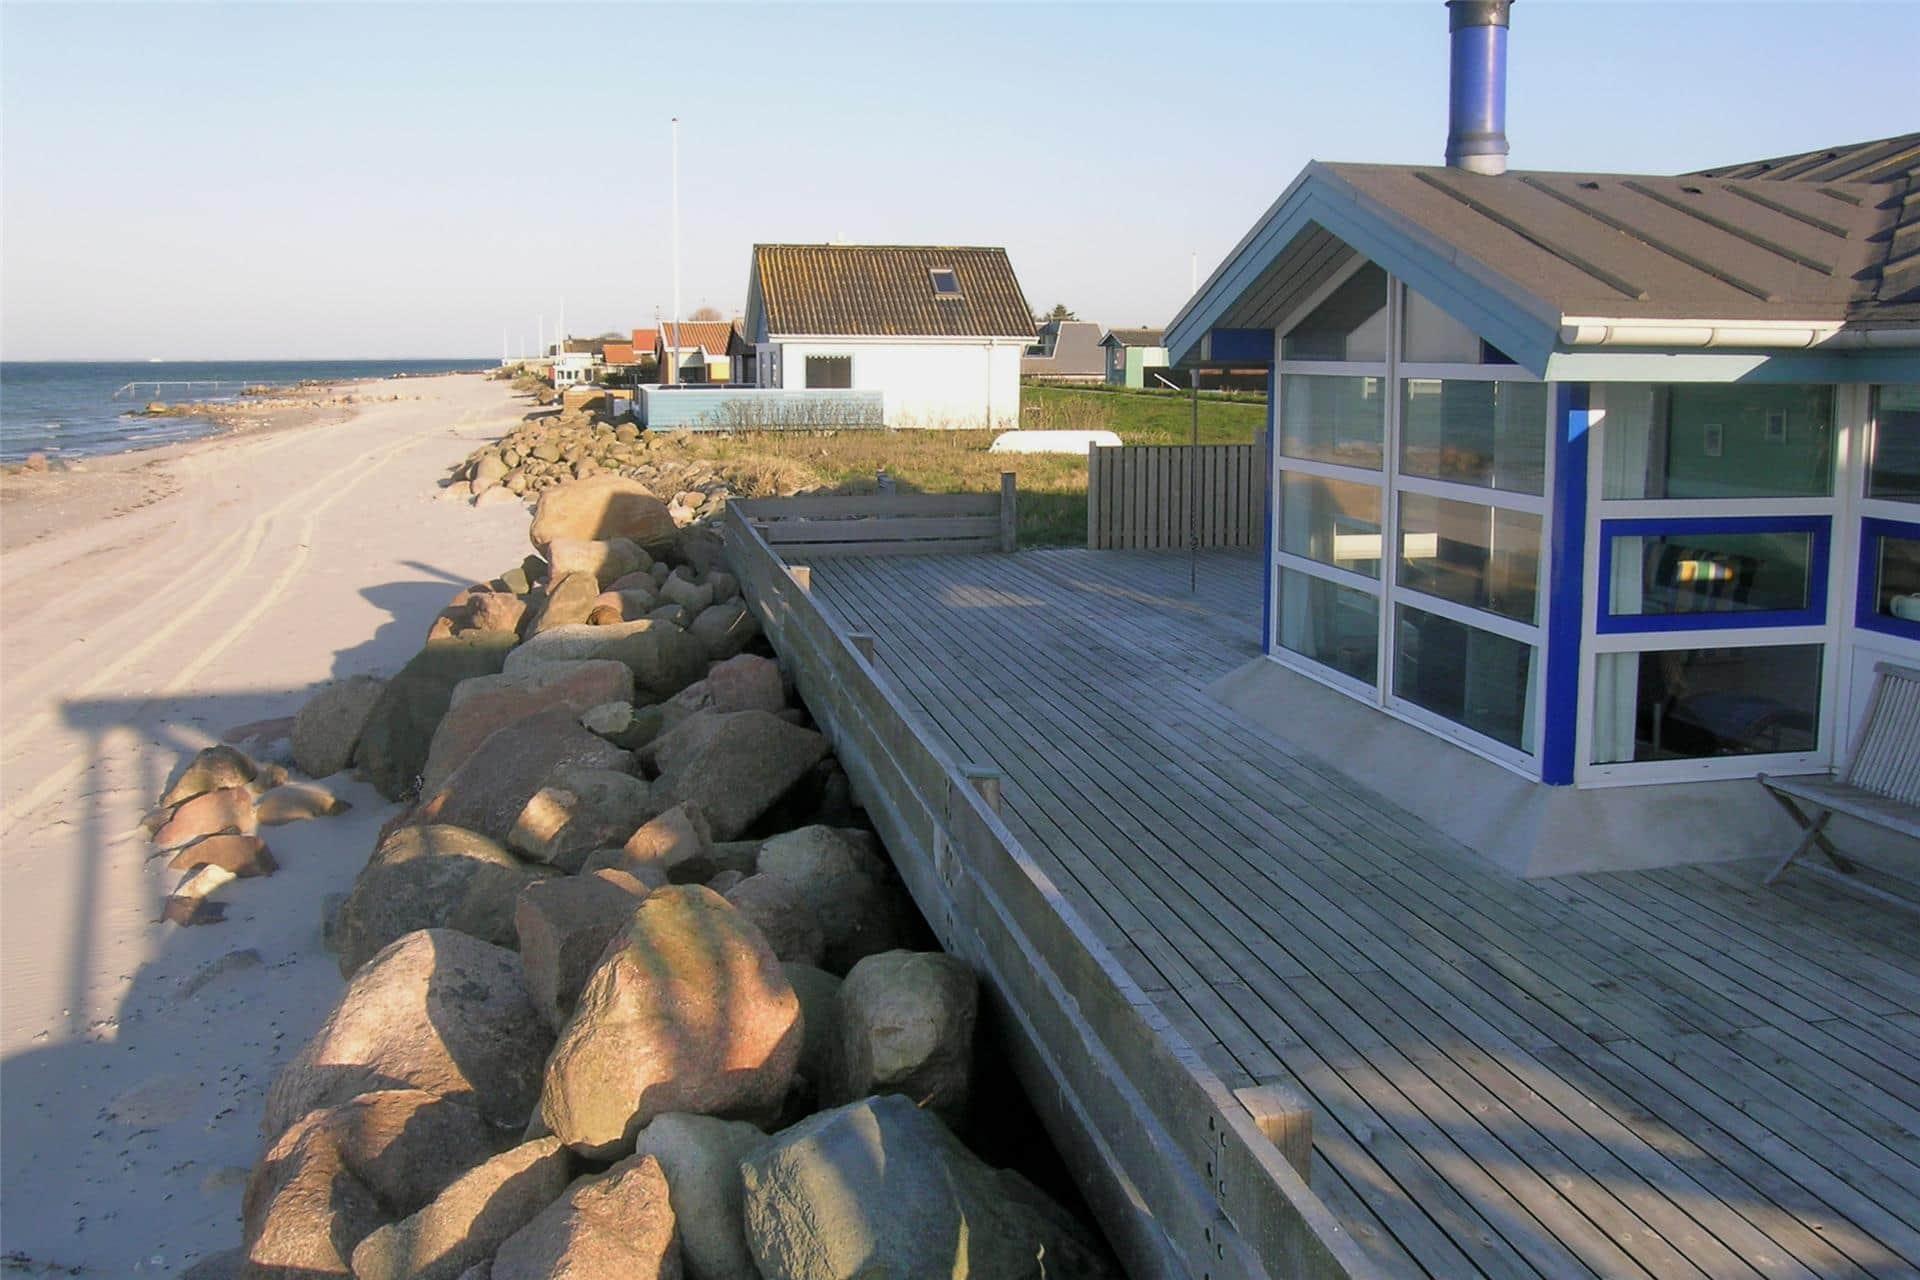 Bild 1-3 Ferienhaus M64531, Snerlevænget 39, DK - 5450 Otterup